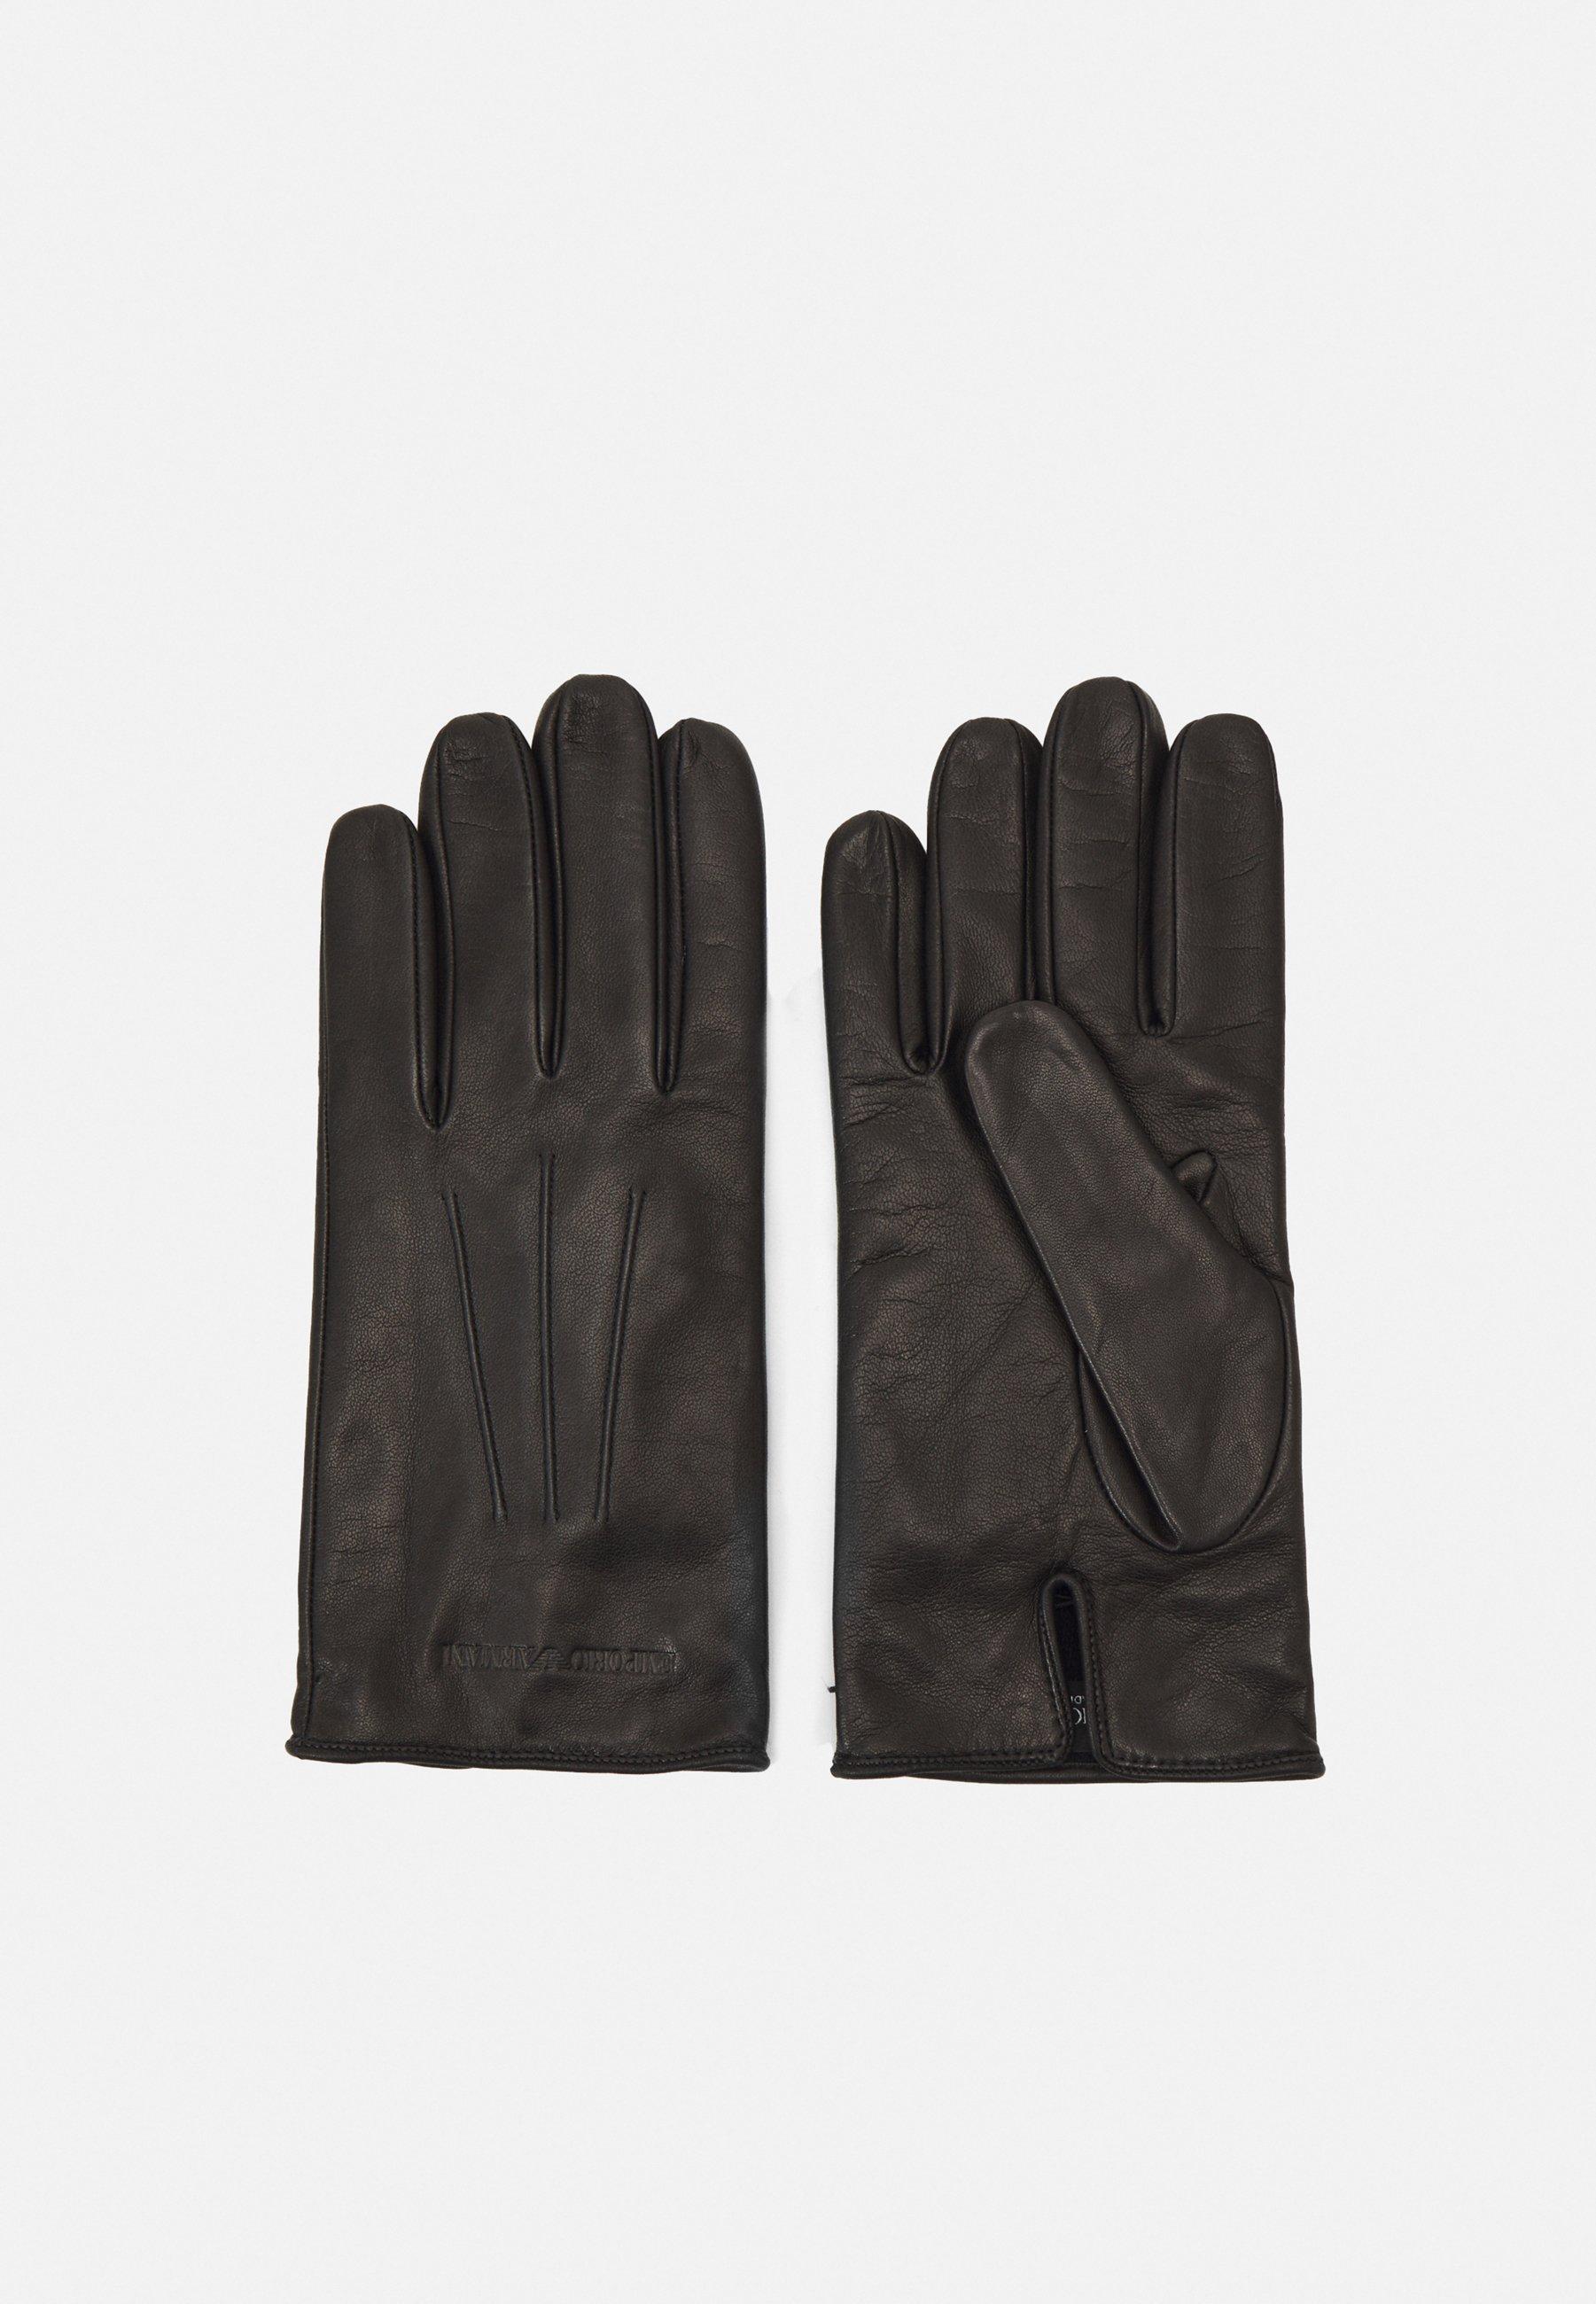 Men GUANTO CON BAGUETTE GLOVES UNISEX - Gloves